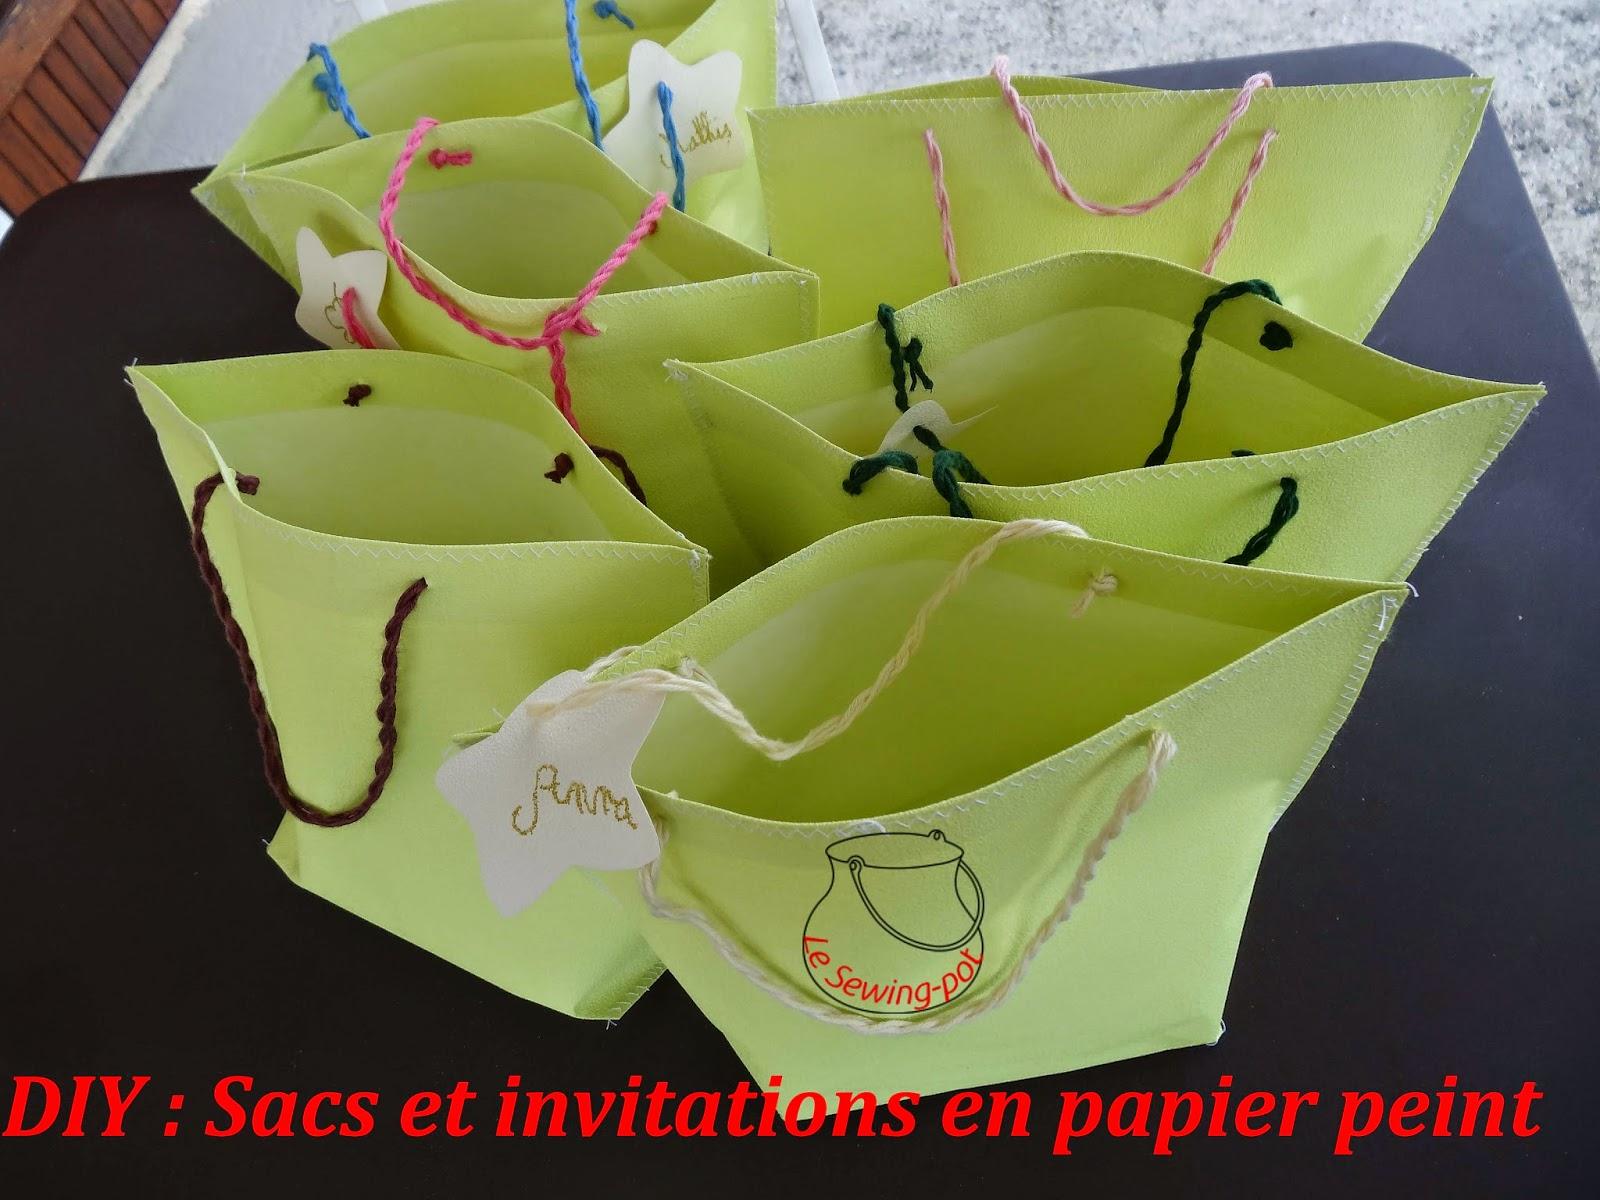 Sacs et invitations en papier peint